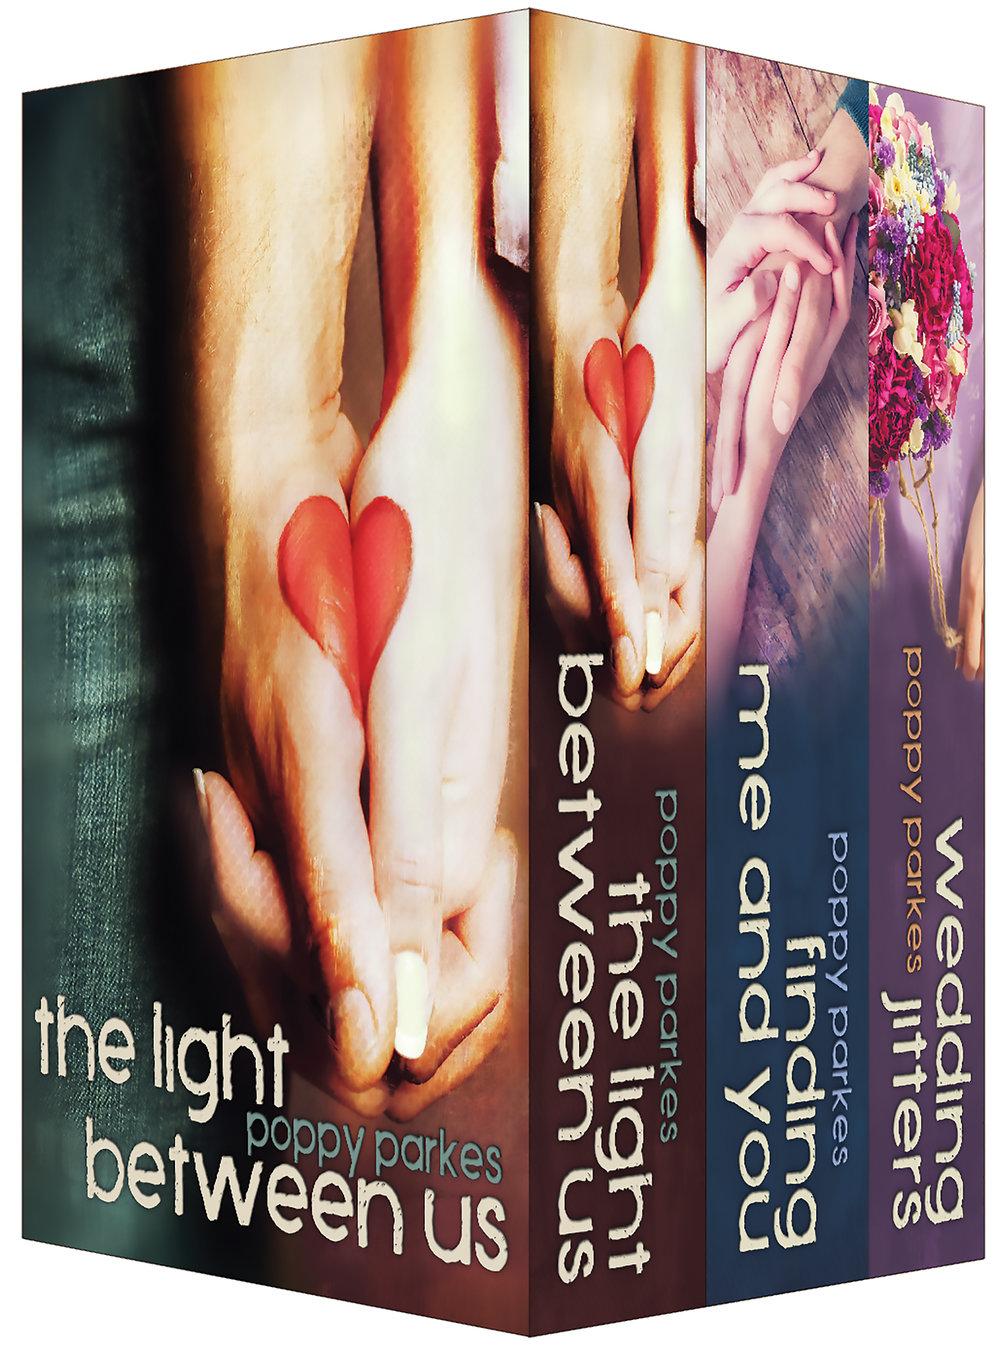 Poppy Parkes romance ebook box set